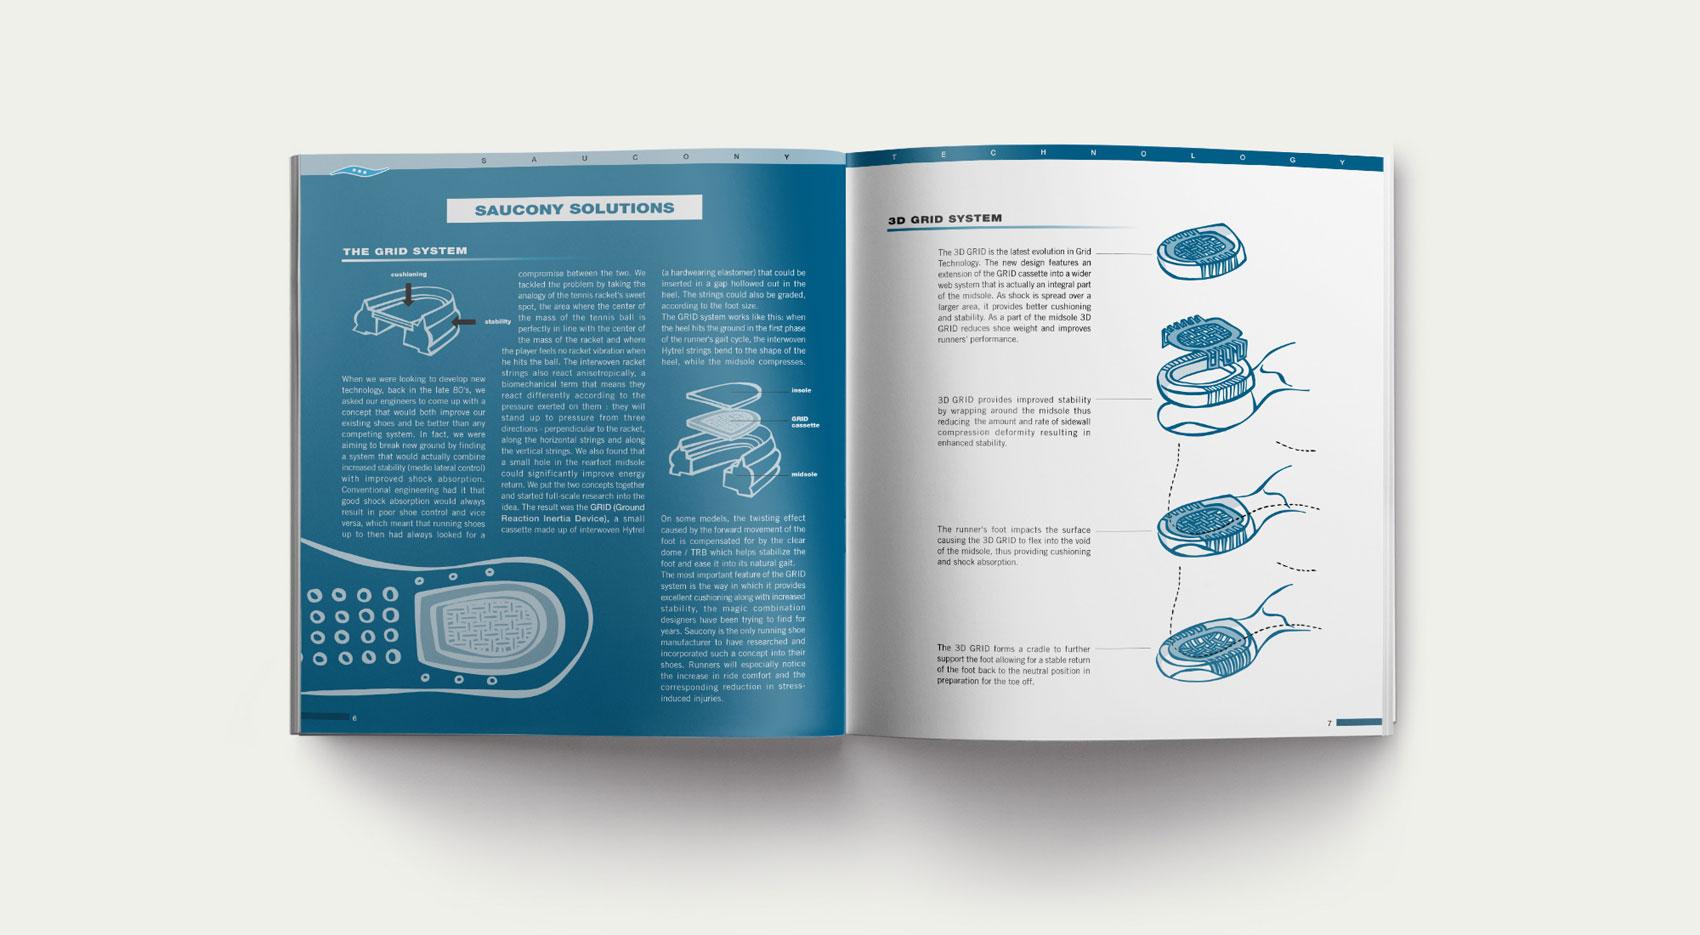 book-technic-saucony-5